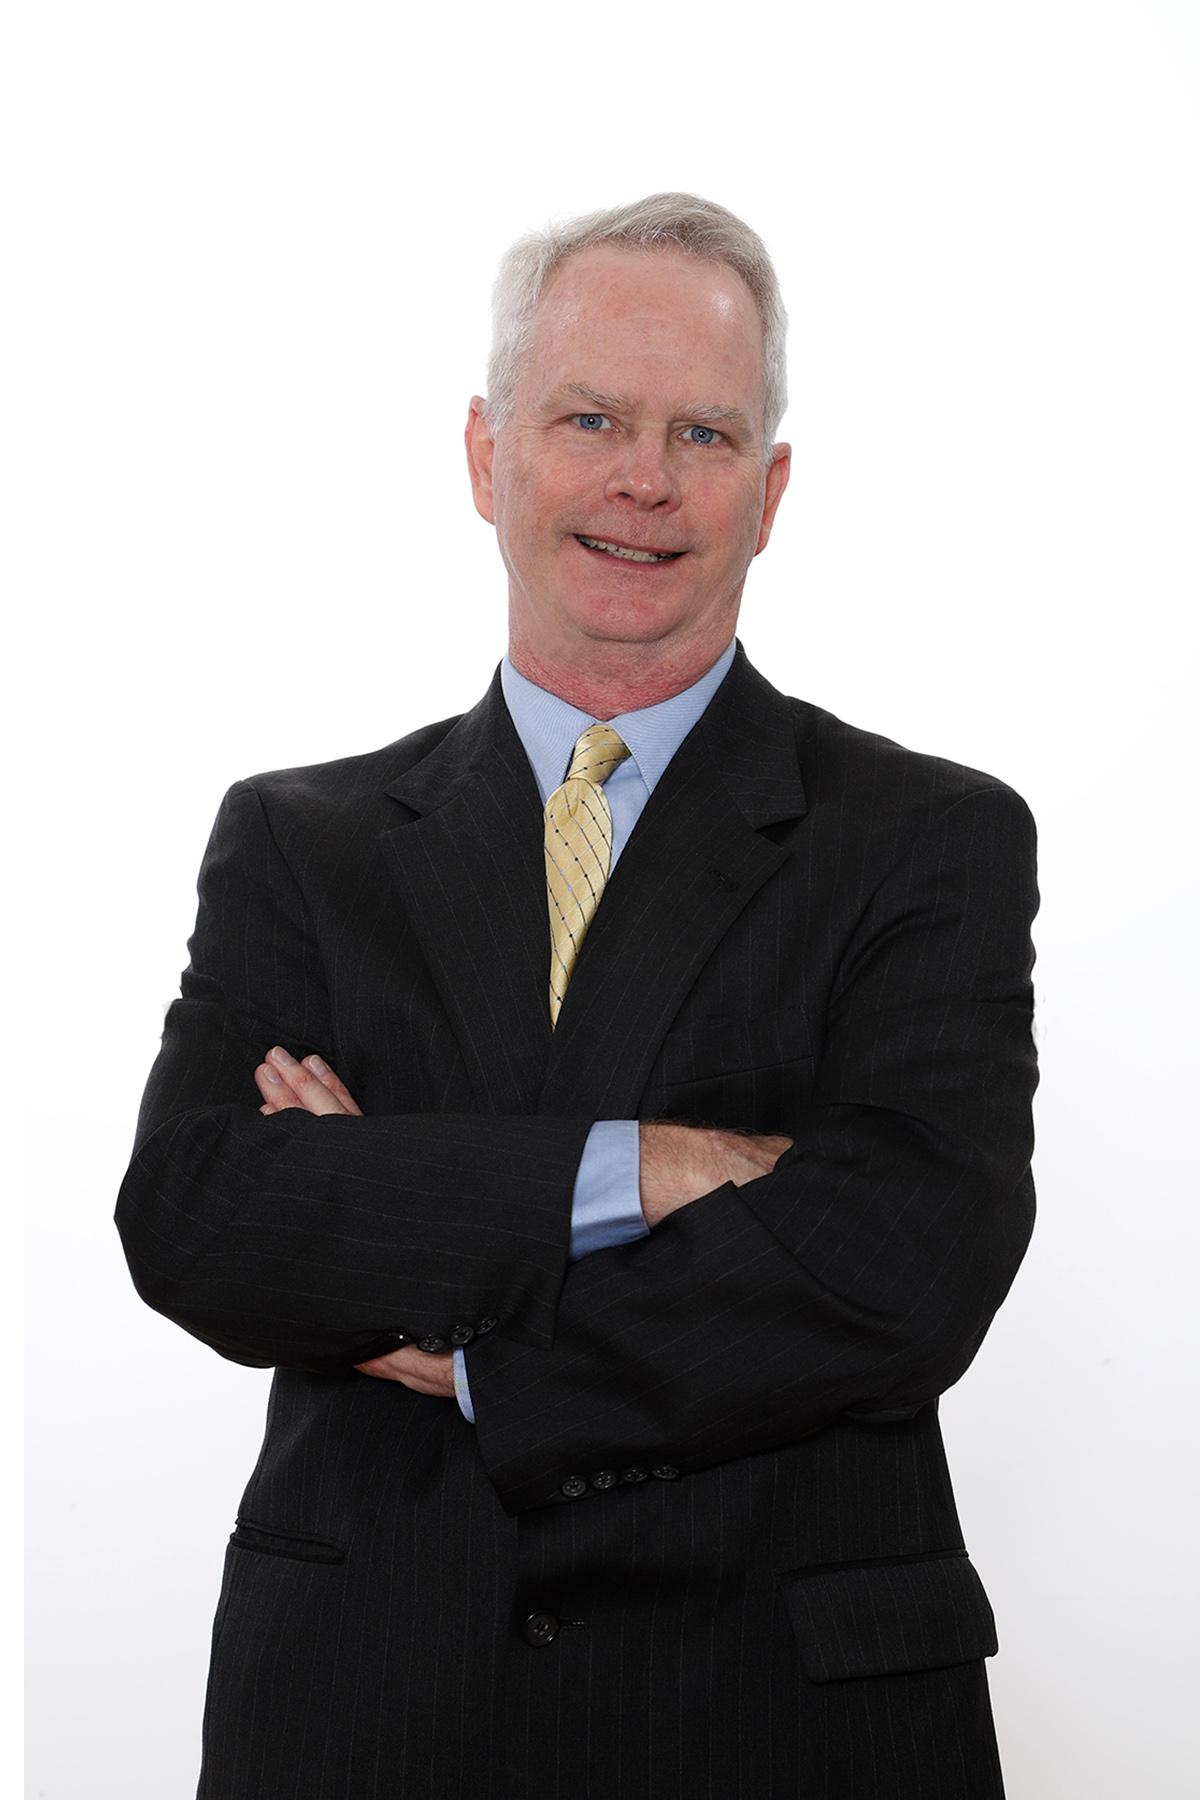 Mark Hartsell